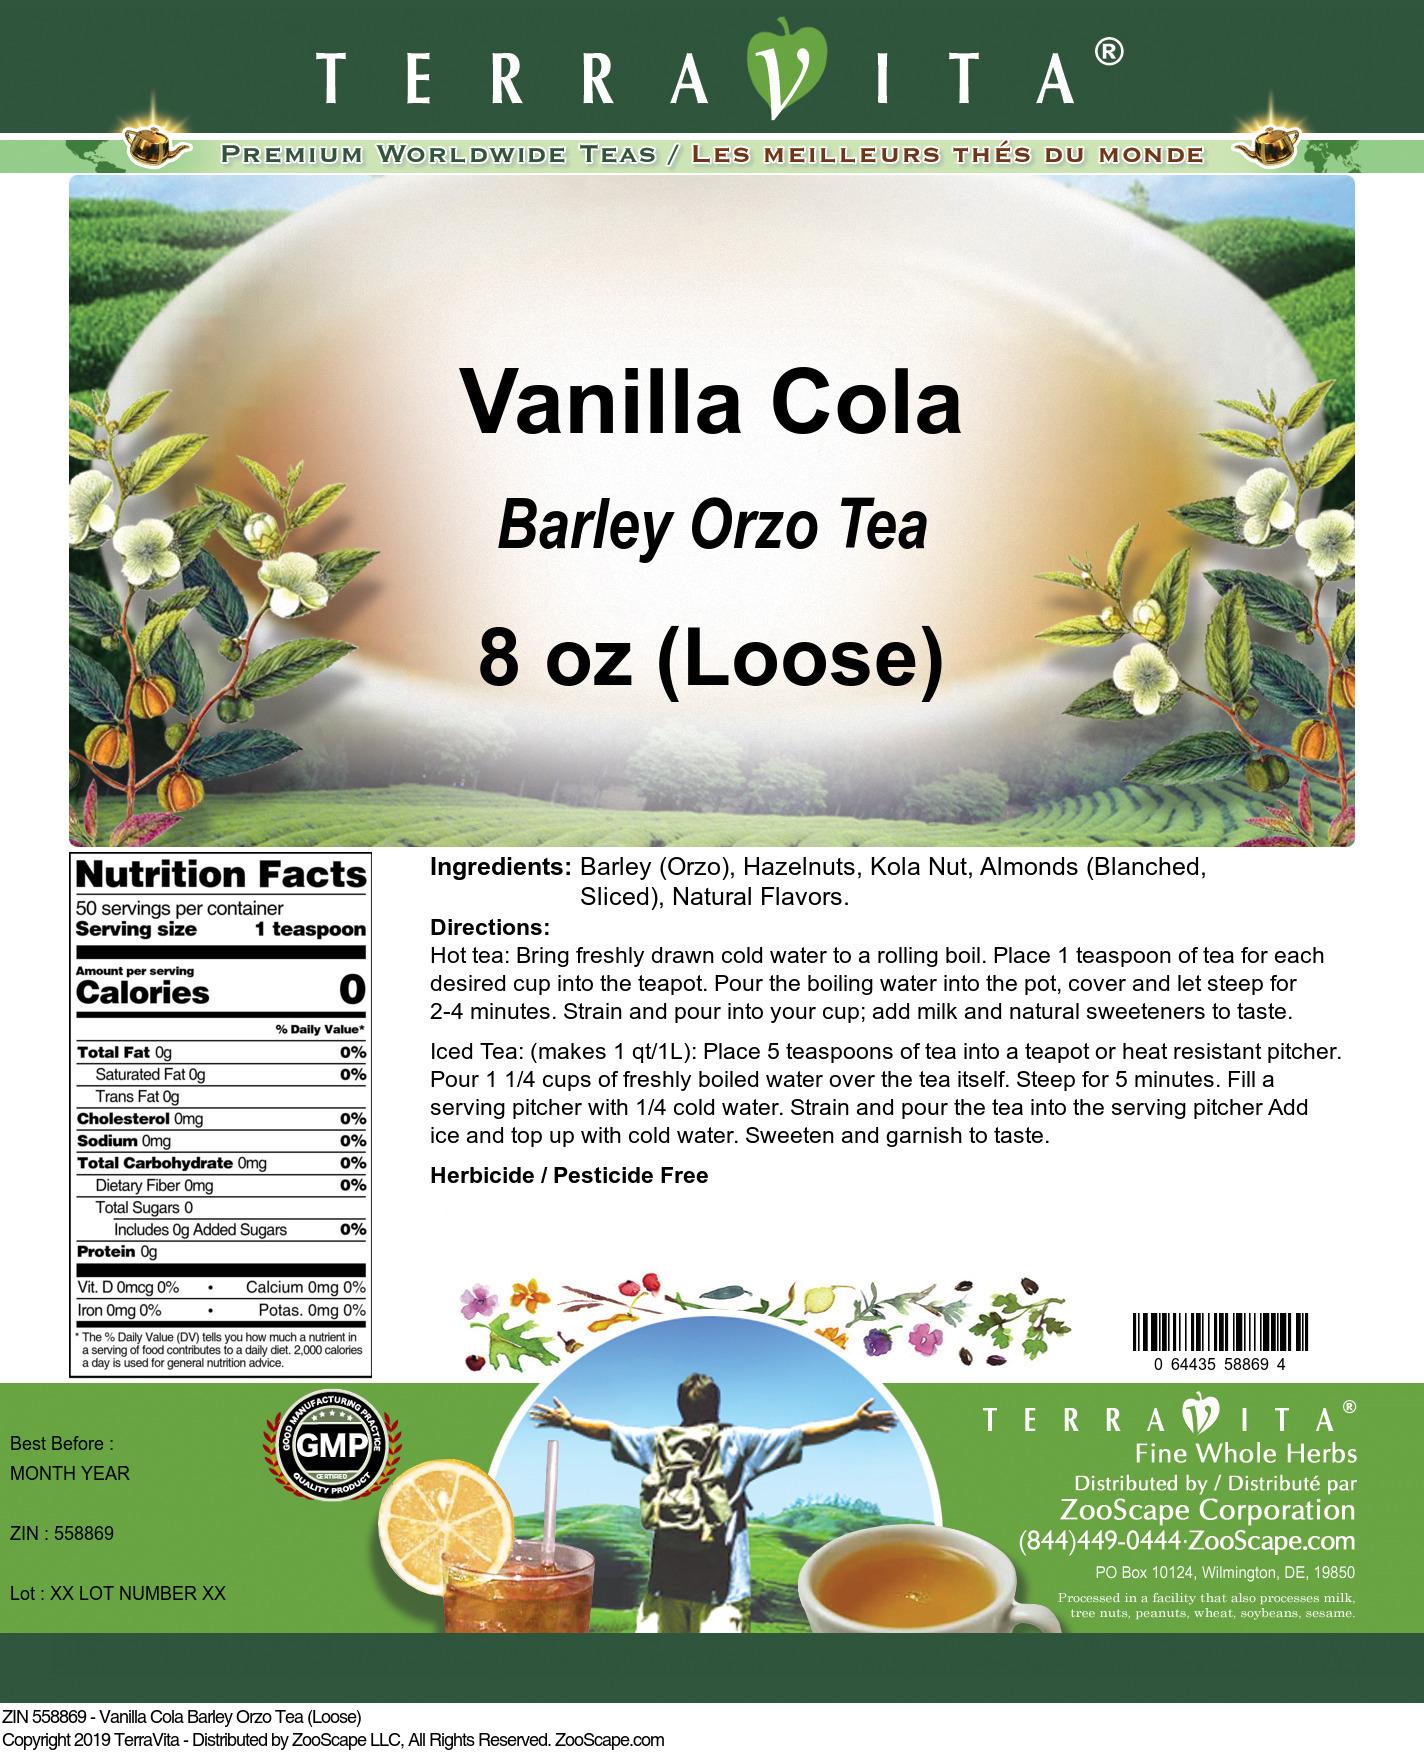 Vanilla Cola Barley Orzo Tea (Loose)